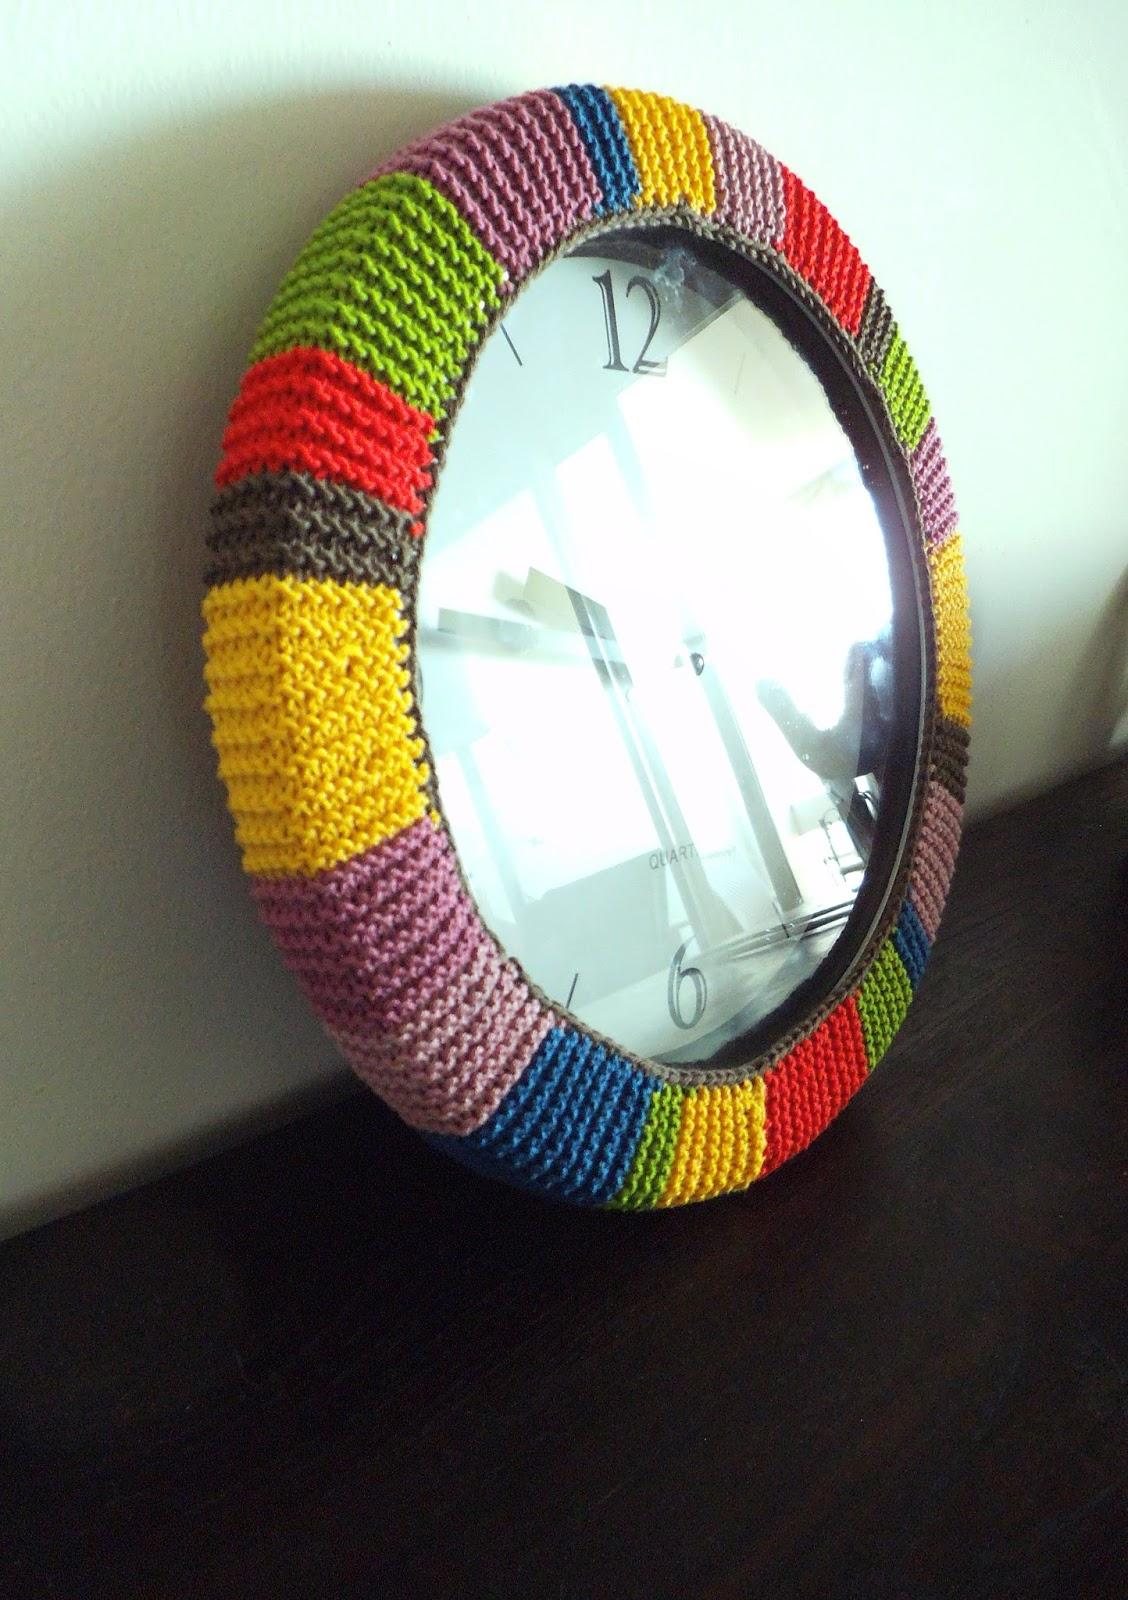 modele abat jour crochet gratuit. Black Bedroom Furniture Sets. Home Design Ideas